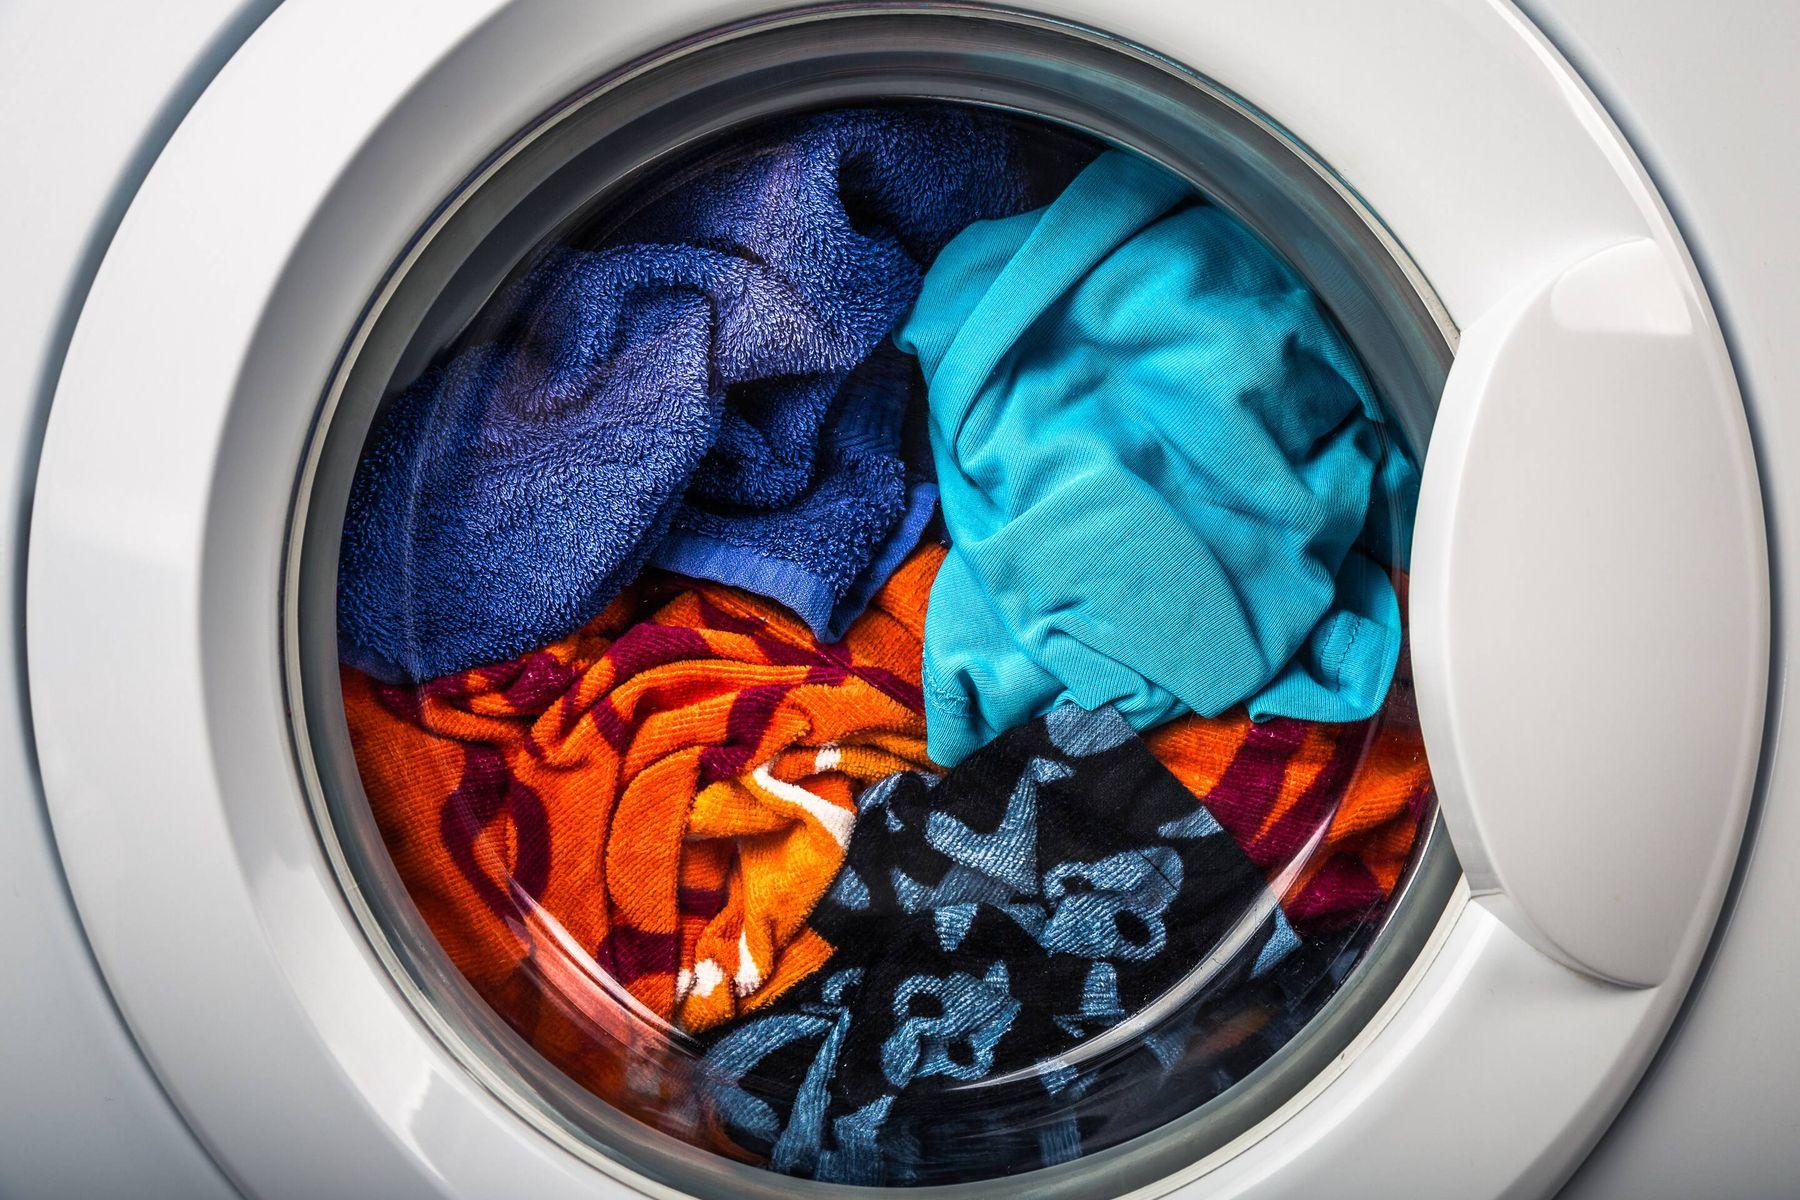 clothes washing in a washing machine